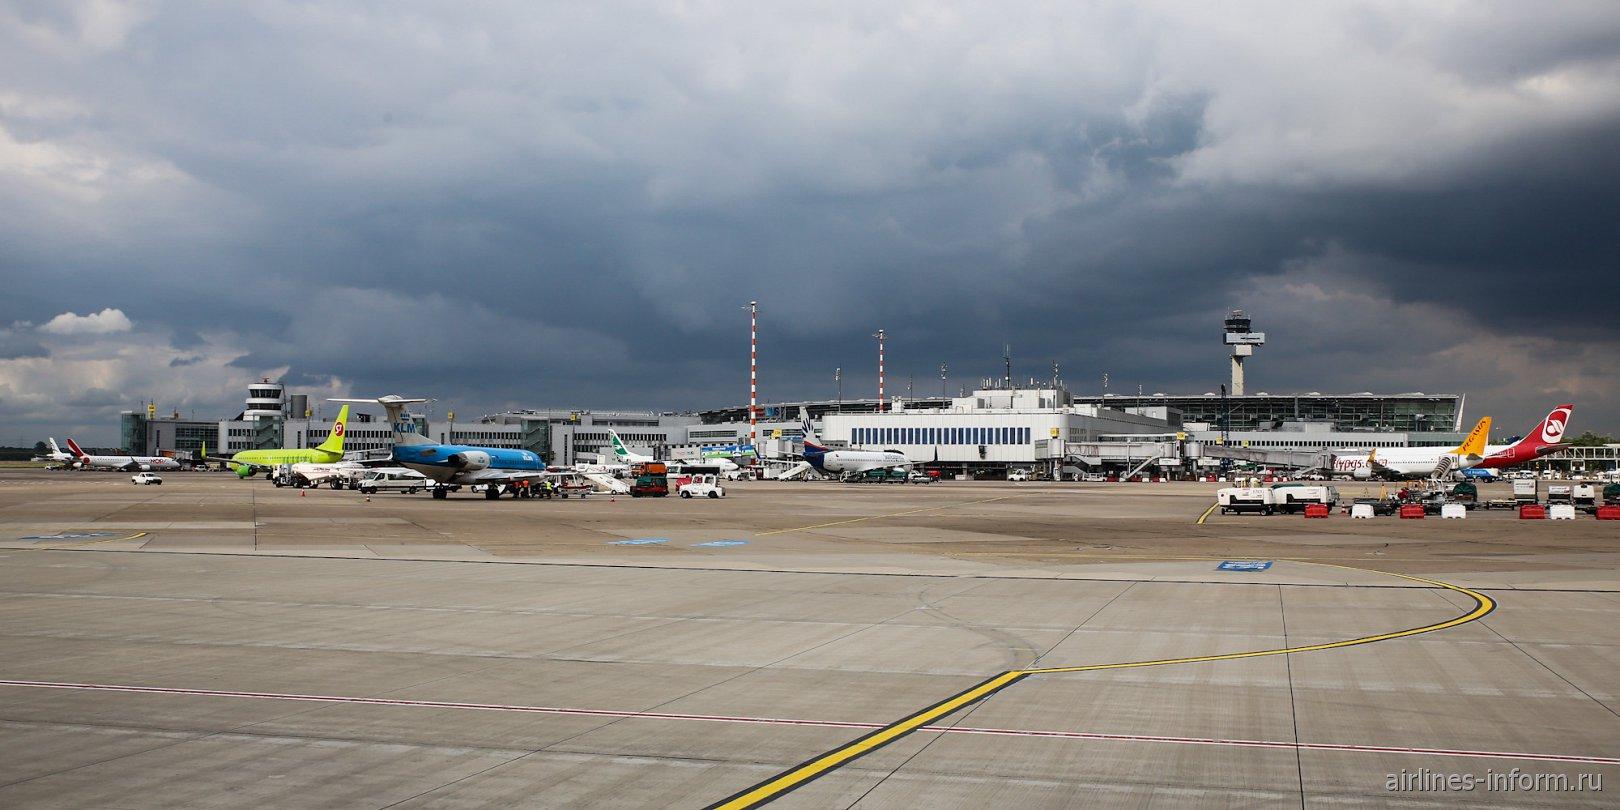 Вид с перрона на пассажирский терминал аэропорта Дюссельдорф